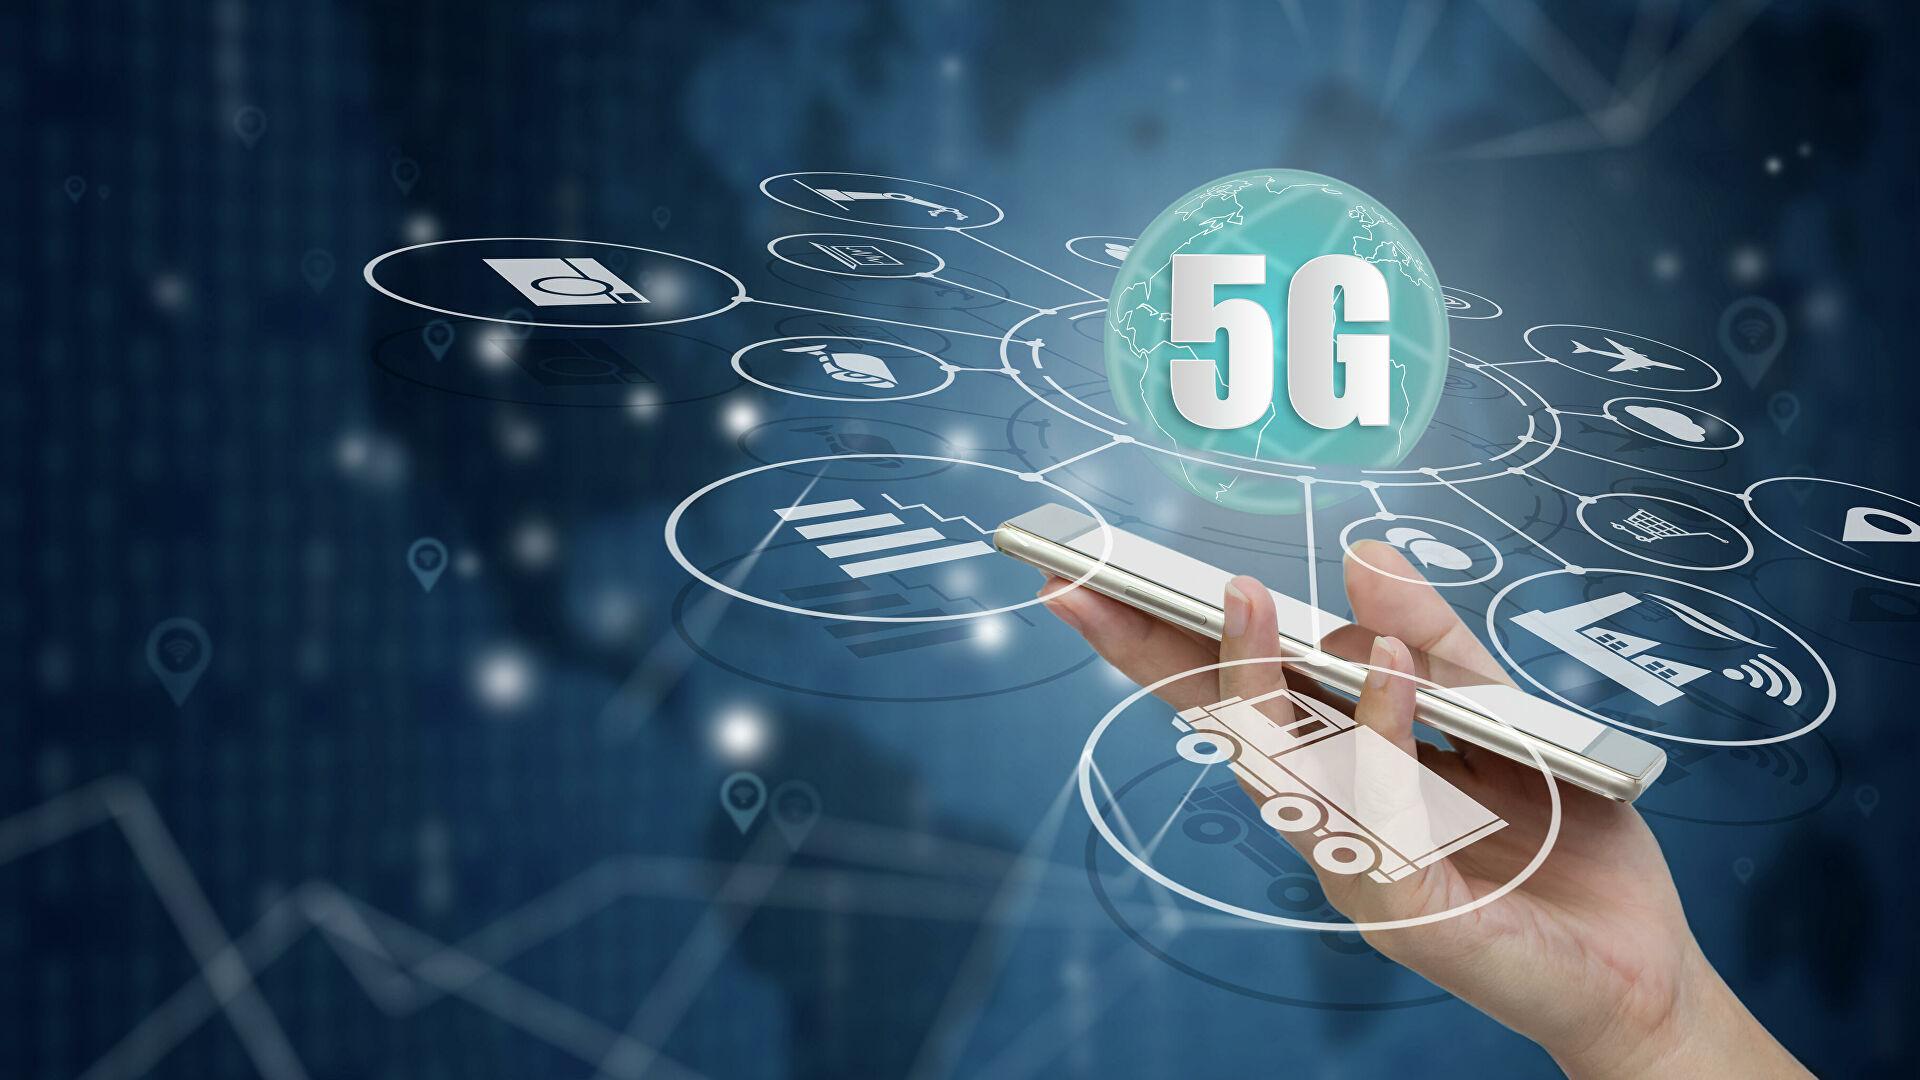 ВСША создадут первый вмире умный город с5G-сетями